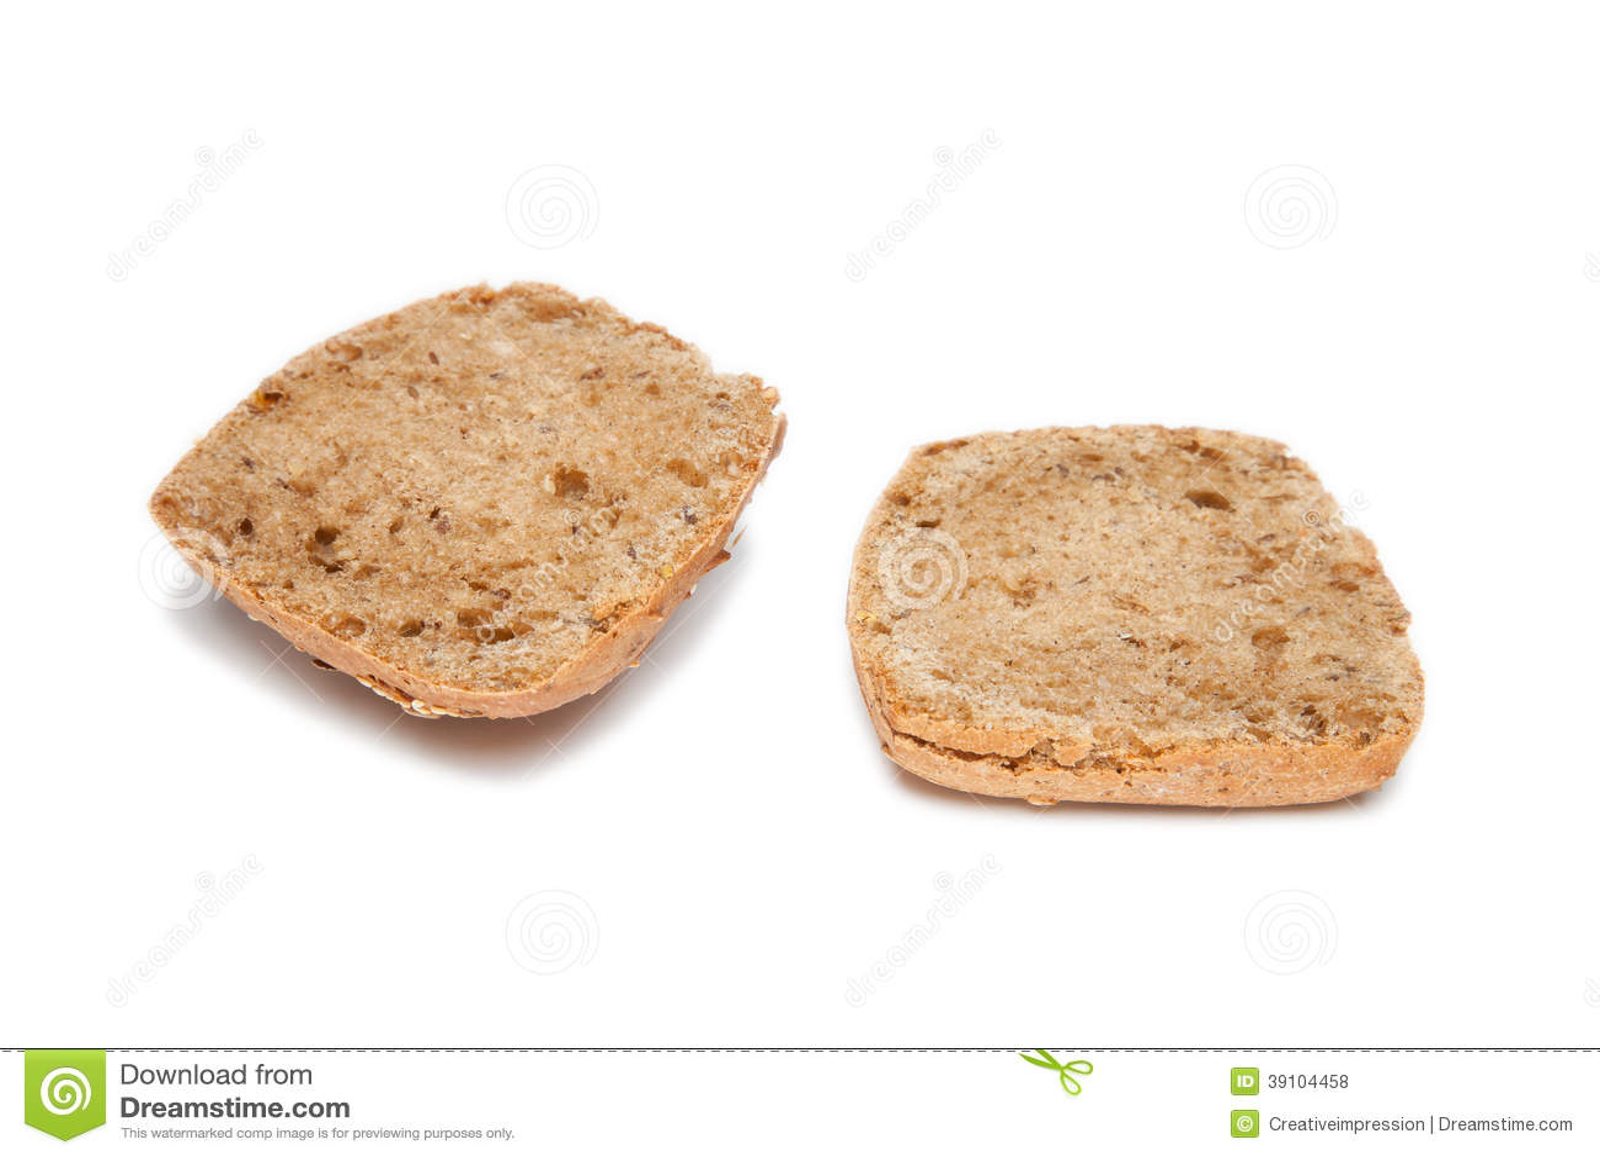 Halve geïsoleerde broodjes